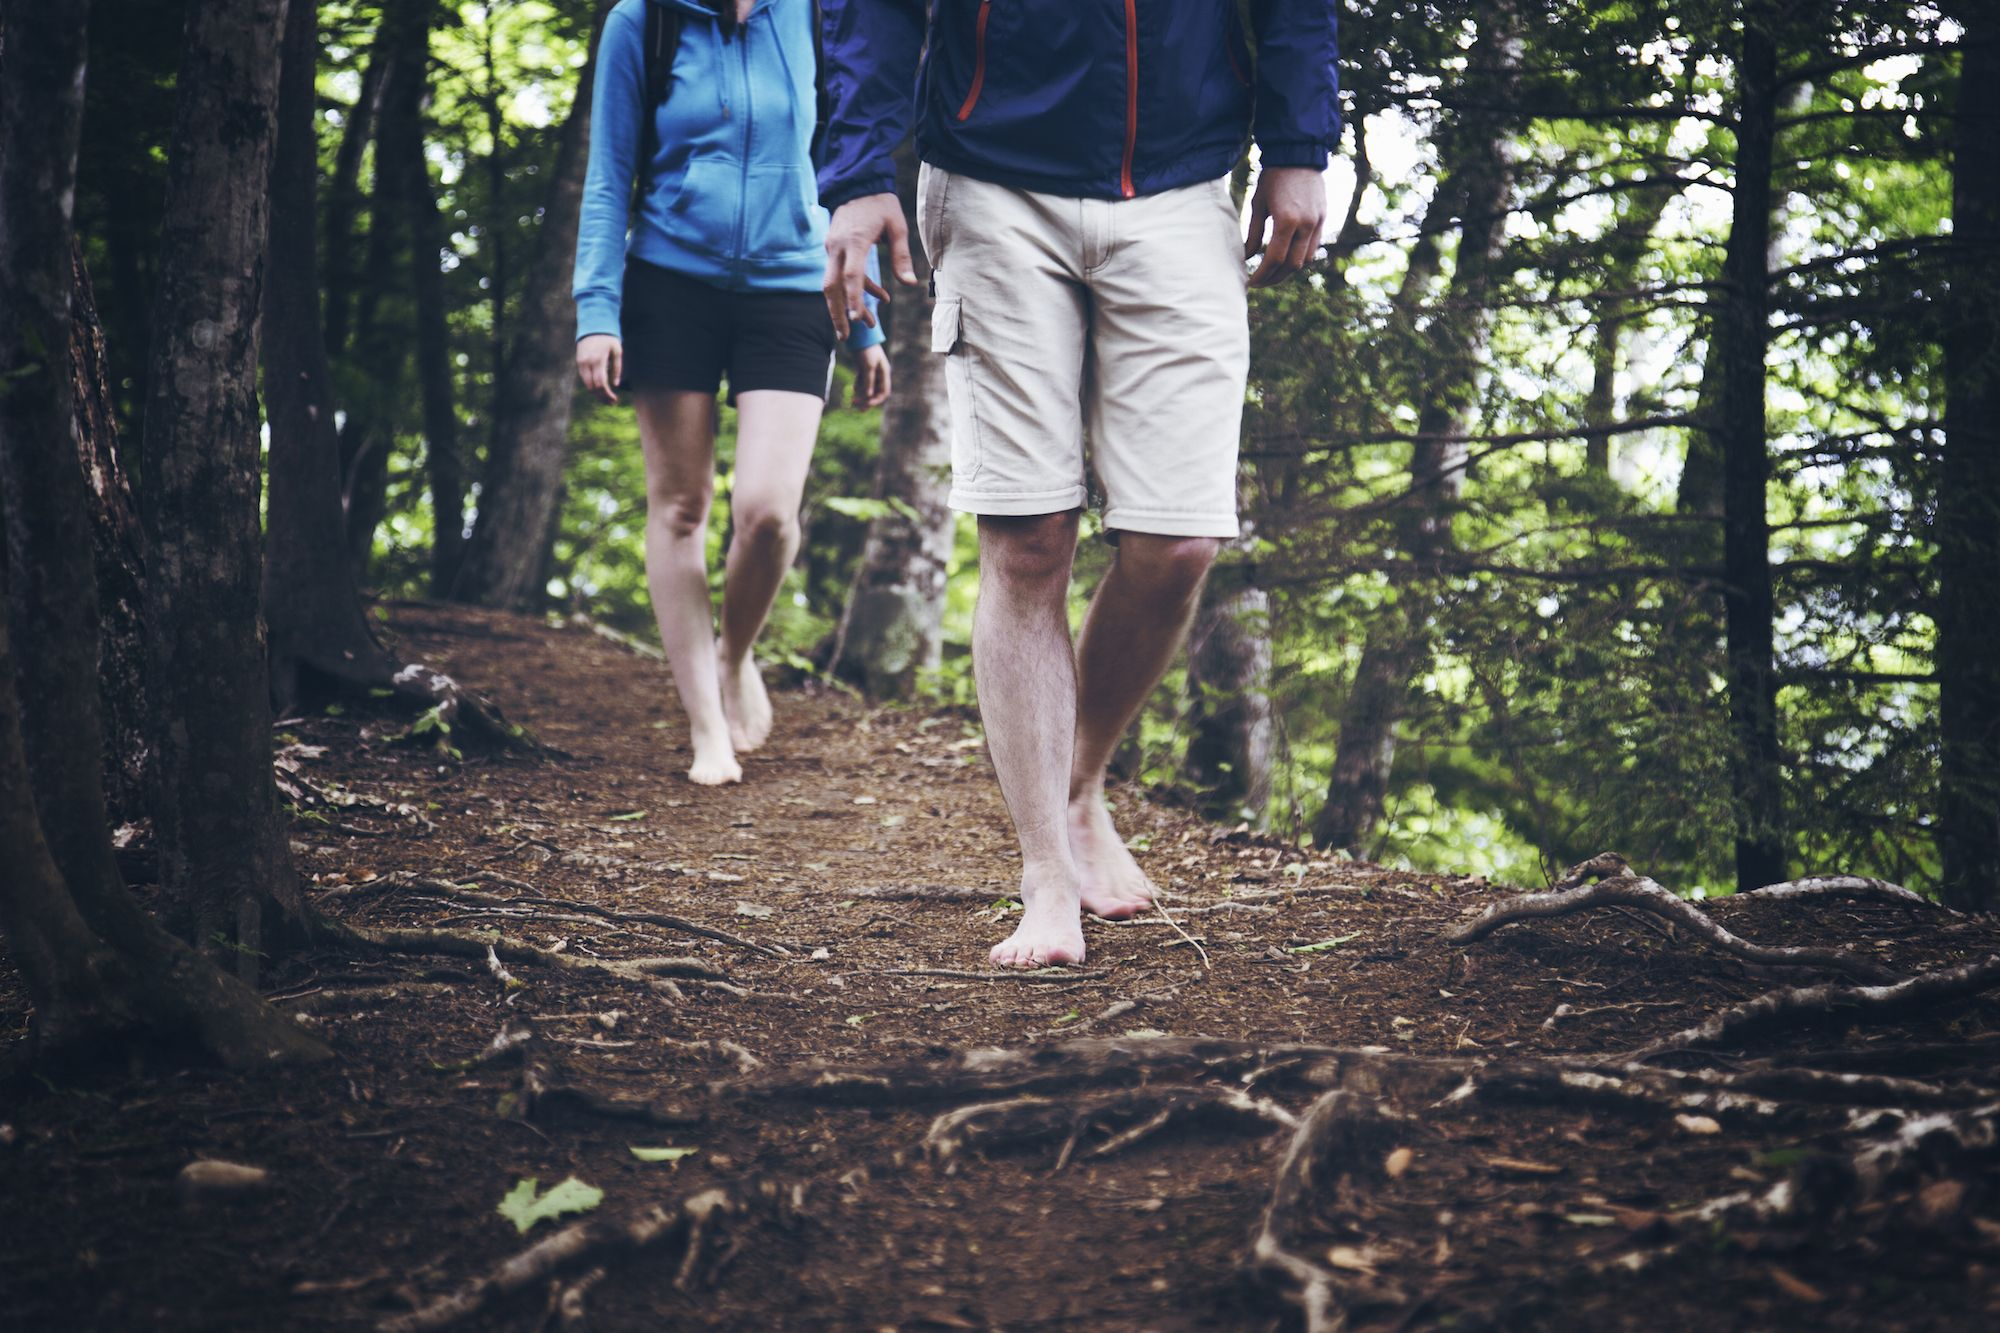 Sognare Di Camminare Scalzi barefooting, camminare scalzi fa bene